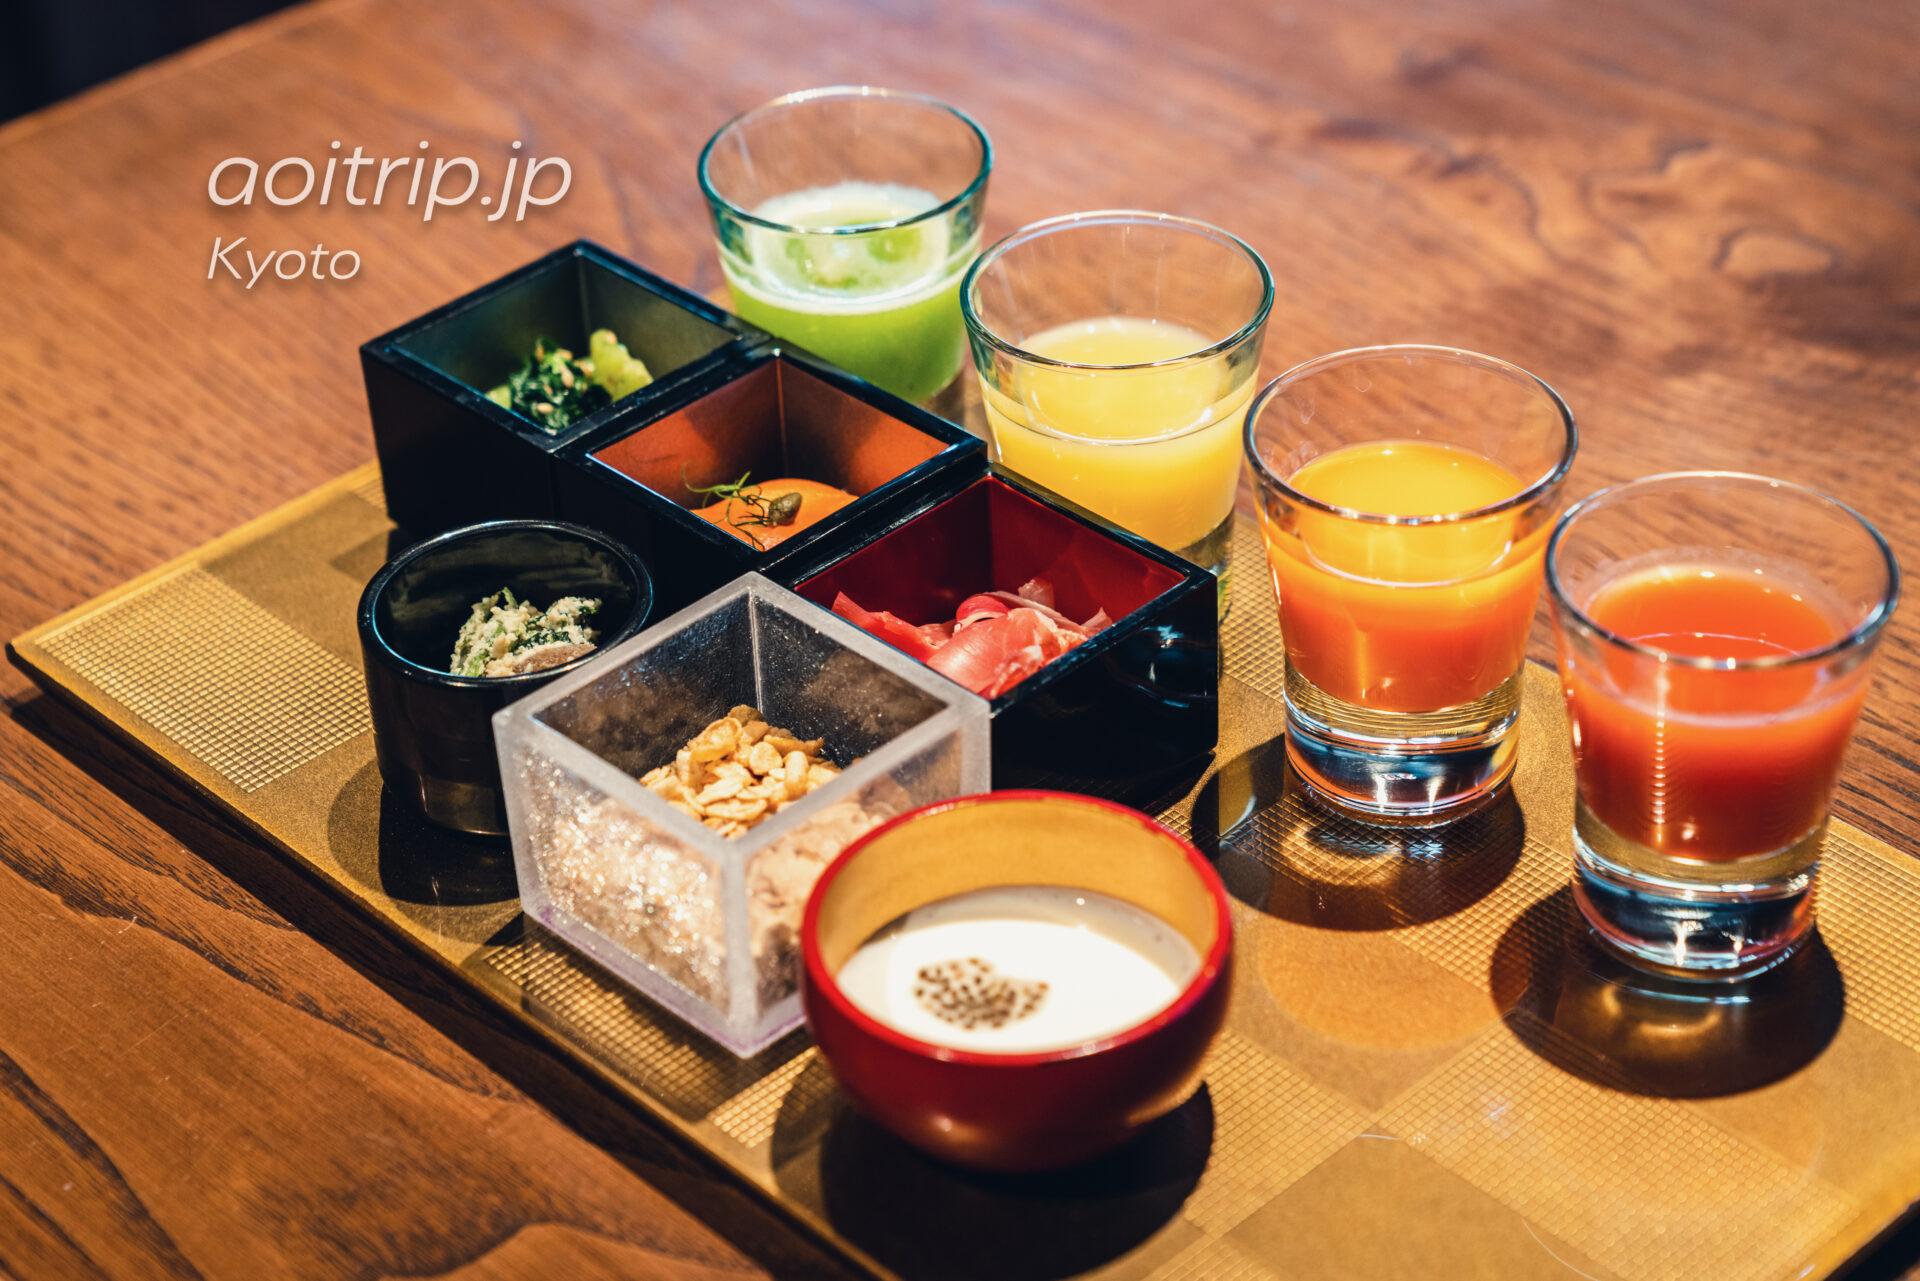 翠嵐 ラグジュアリーコレクションホテル 京都 レストラン京翠嵐の朝食